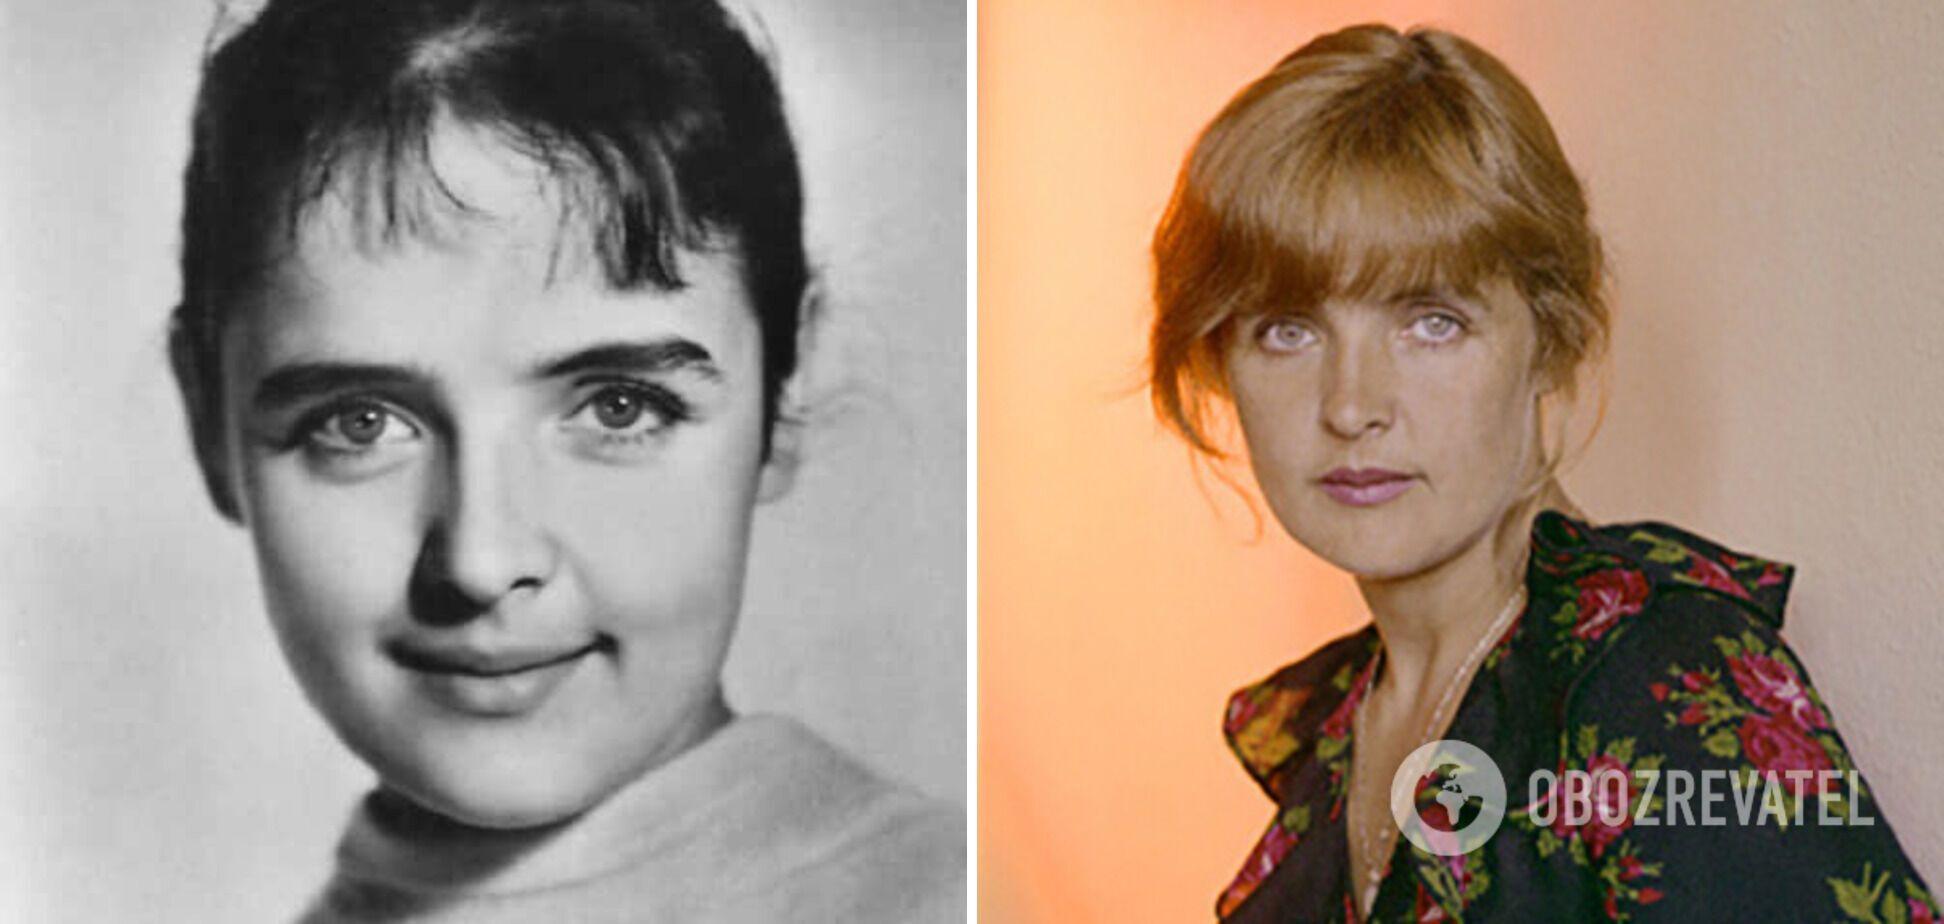 Ада Роговцева 35 лет работала в театре.